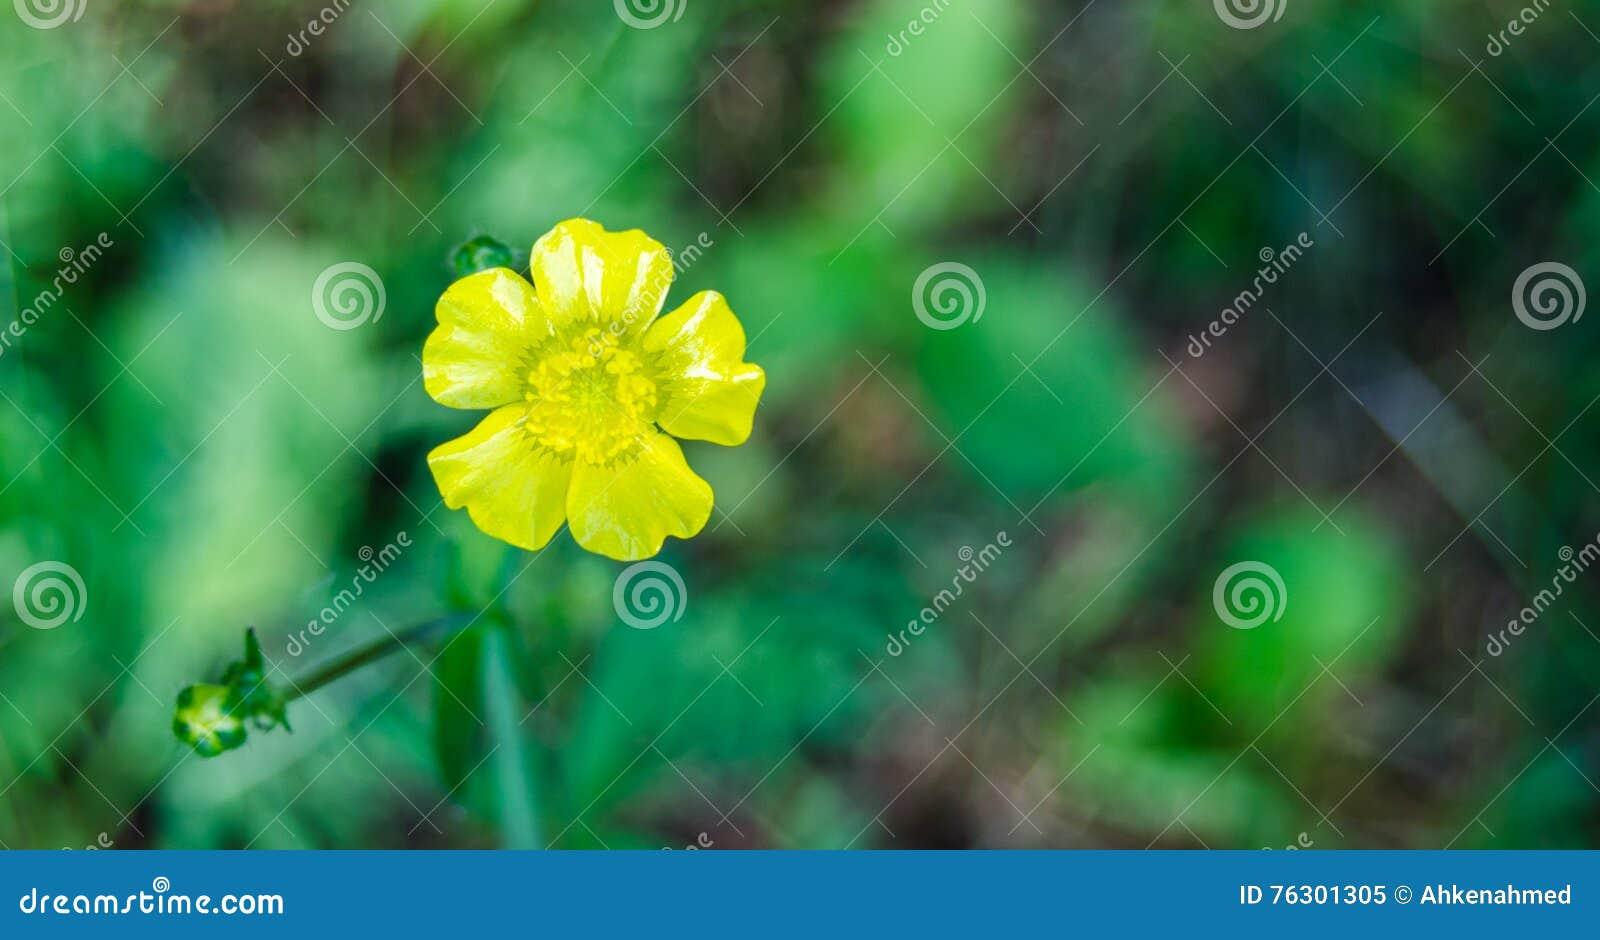 Fleur jaune de mauvaise herbe renoncule fin dans le - Mauvaise herbe fleur jaune ...